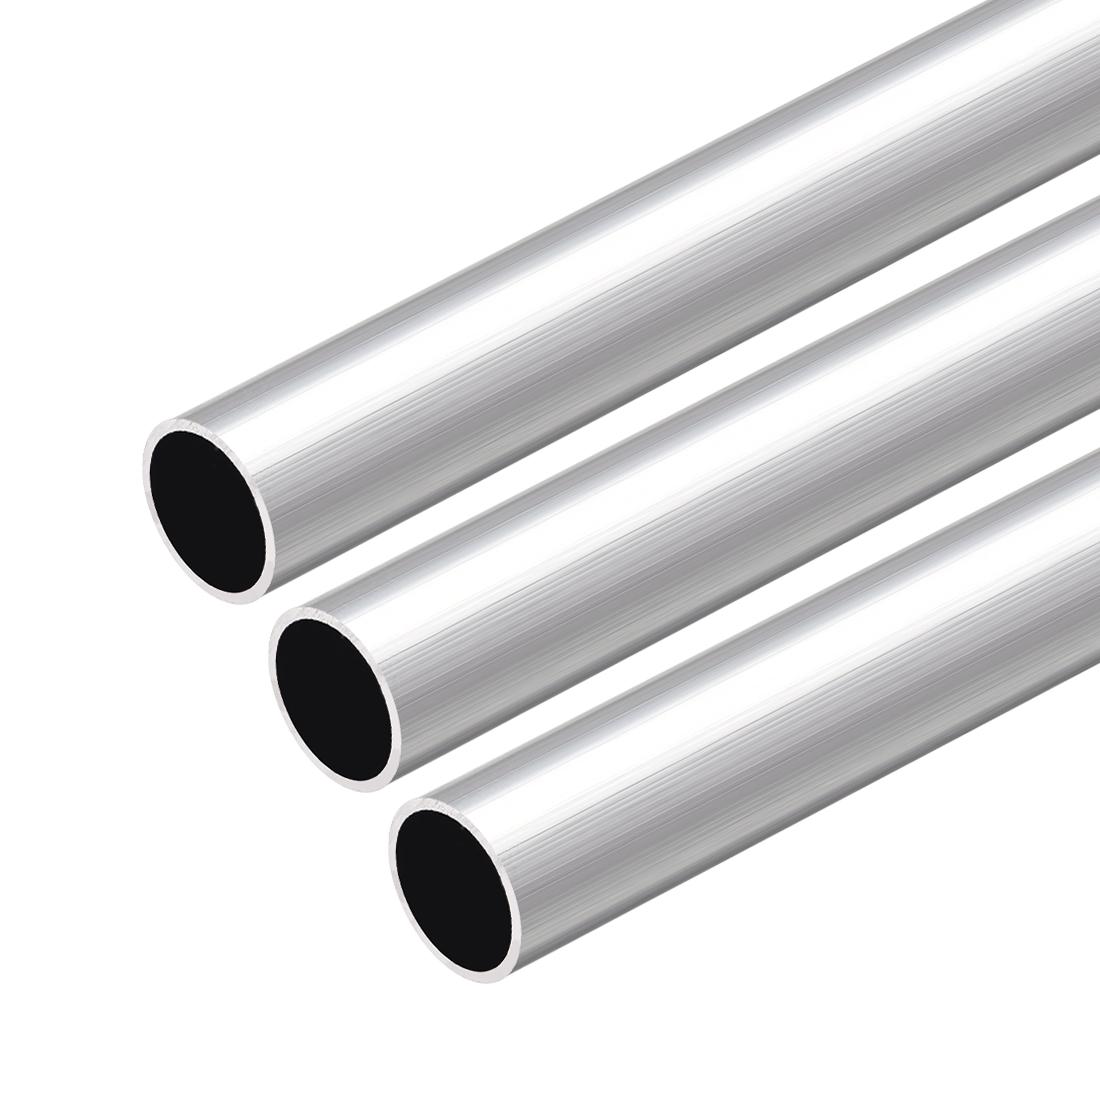 6063 Aluminum Round Tube 300mm Length 17mm OD 14mm Inner Dia Seamless Tube 3 Pcs